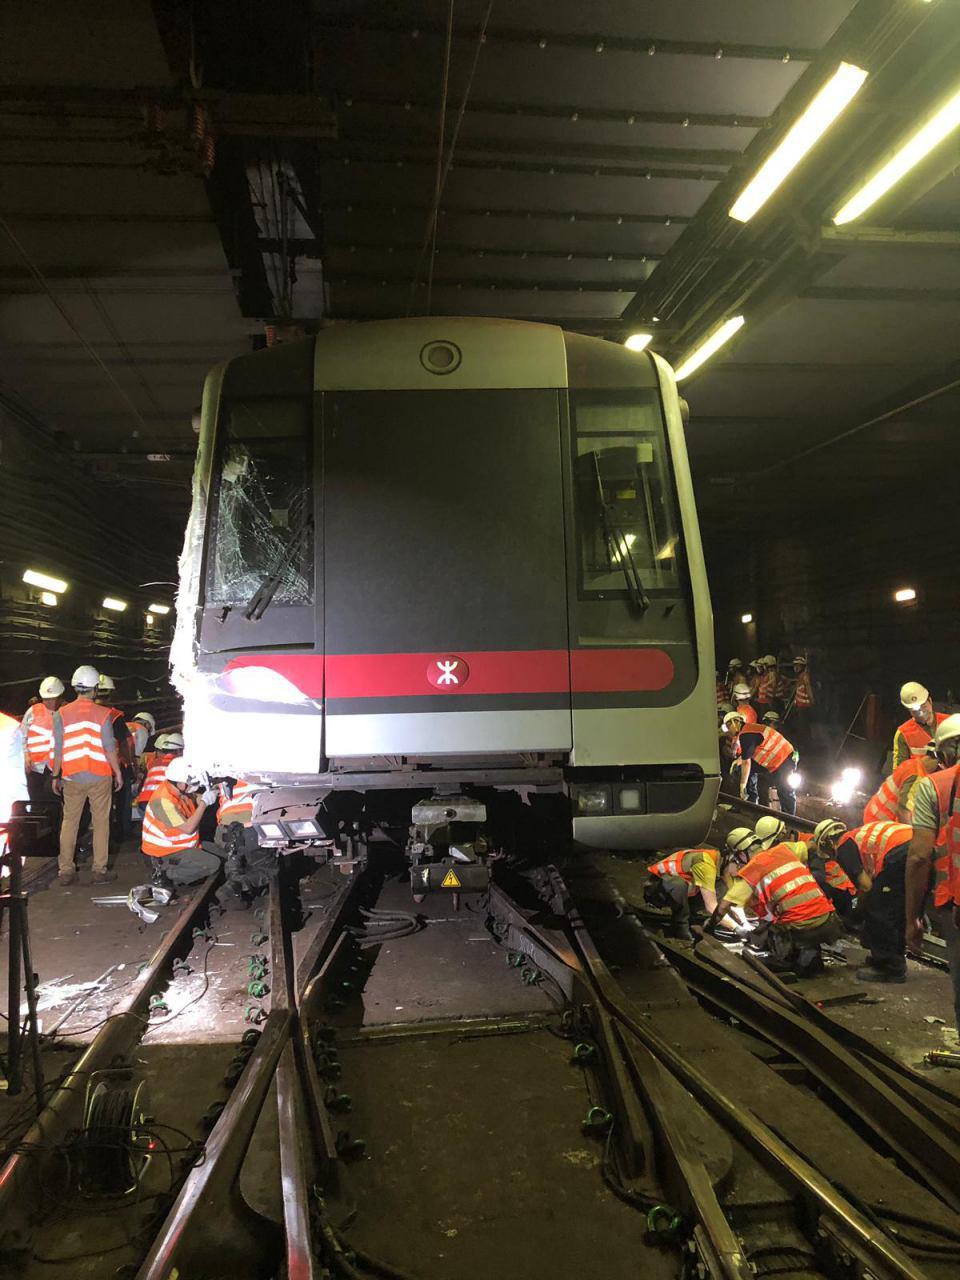 港鐵昨日凌晨已將撞毀的列車,全部移離主行車綫,荃灣綫全線恢復正常行車。(港鐵提供)